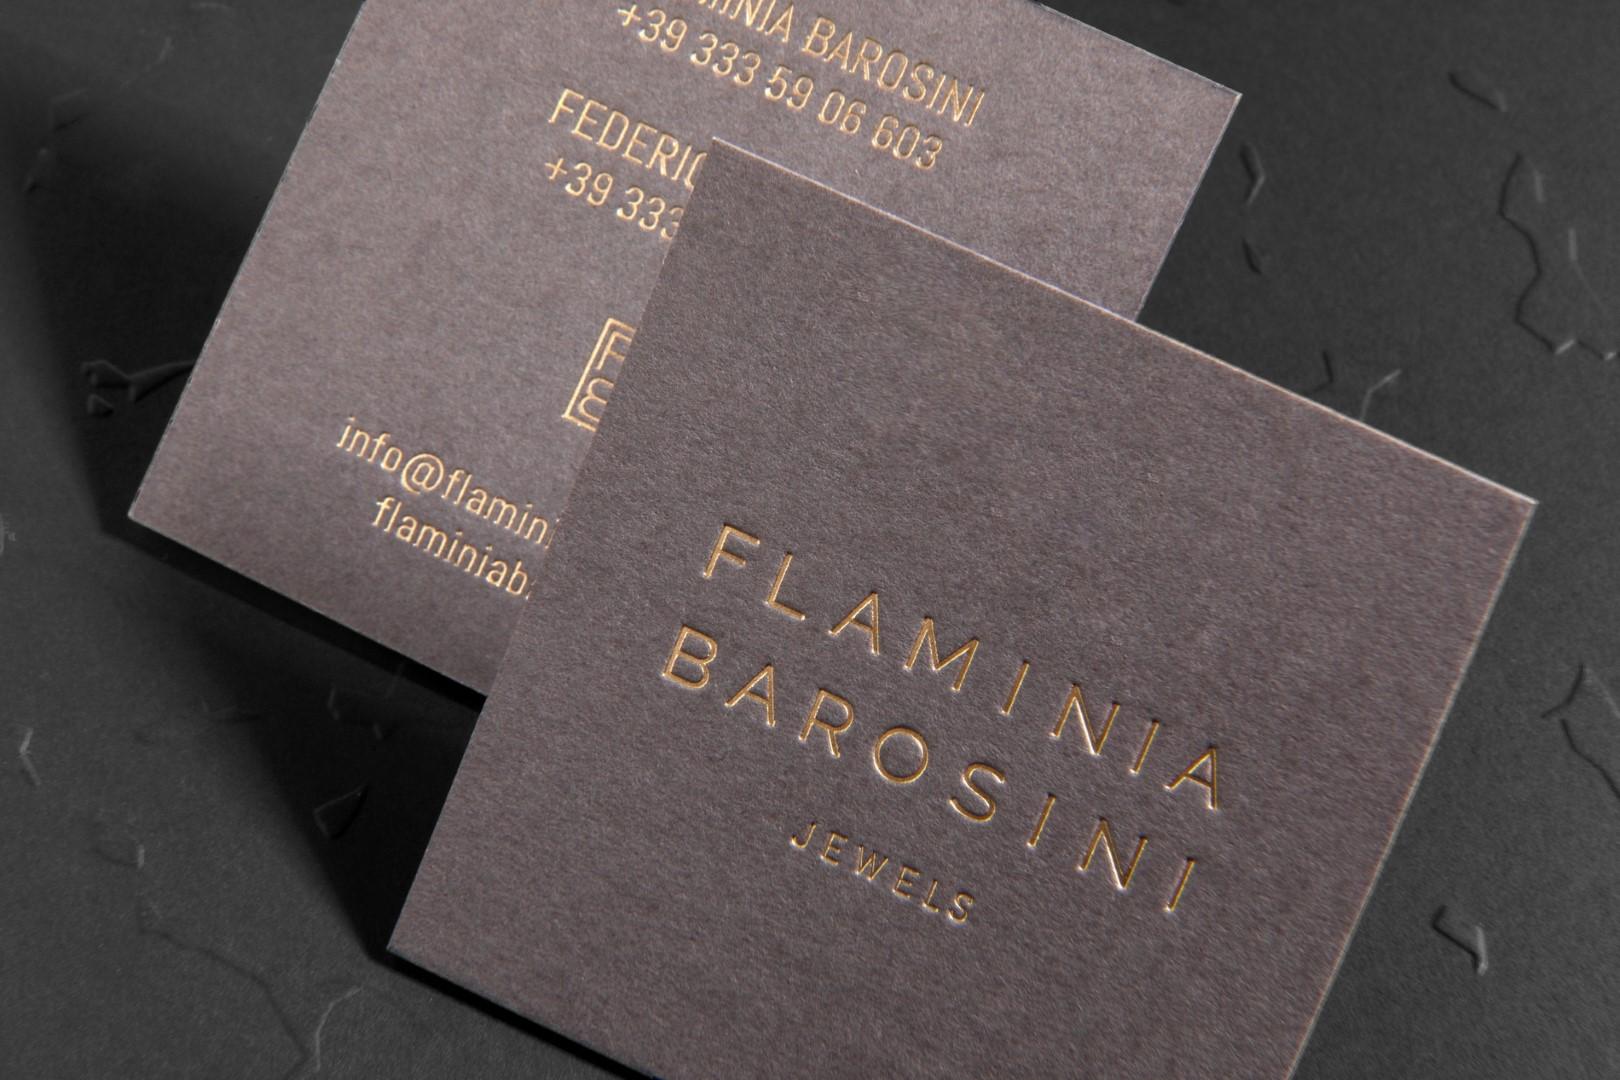 Nostroinchiostro – Flaminia Barosini (1920)